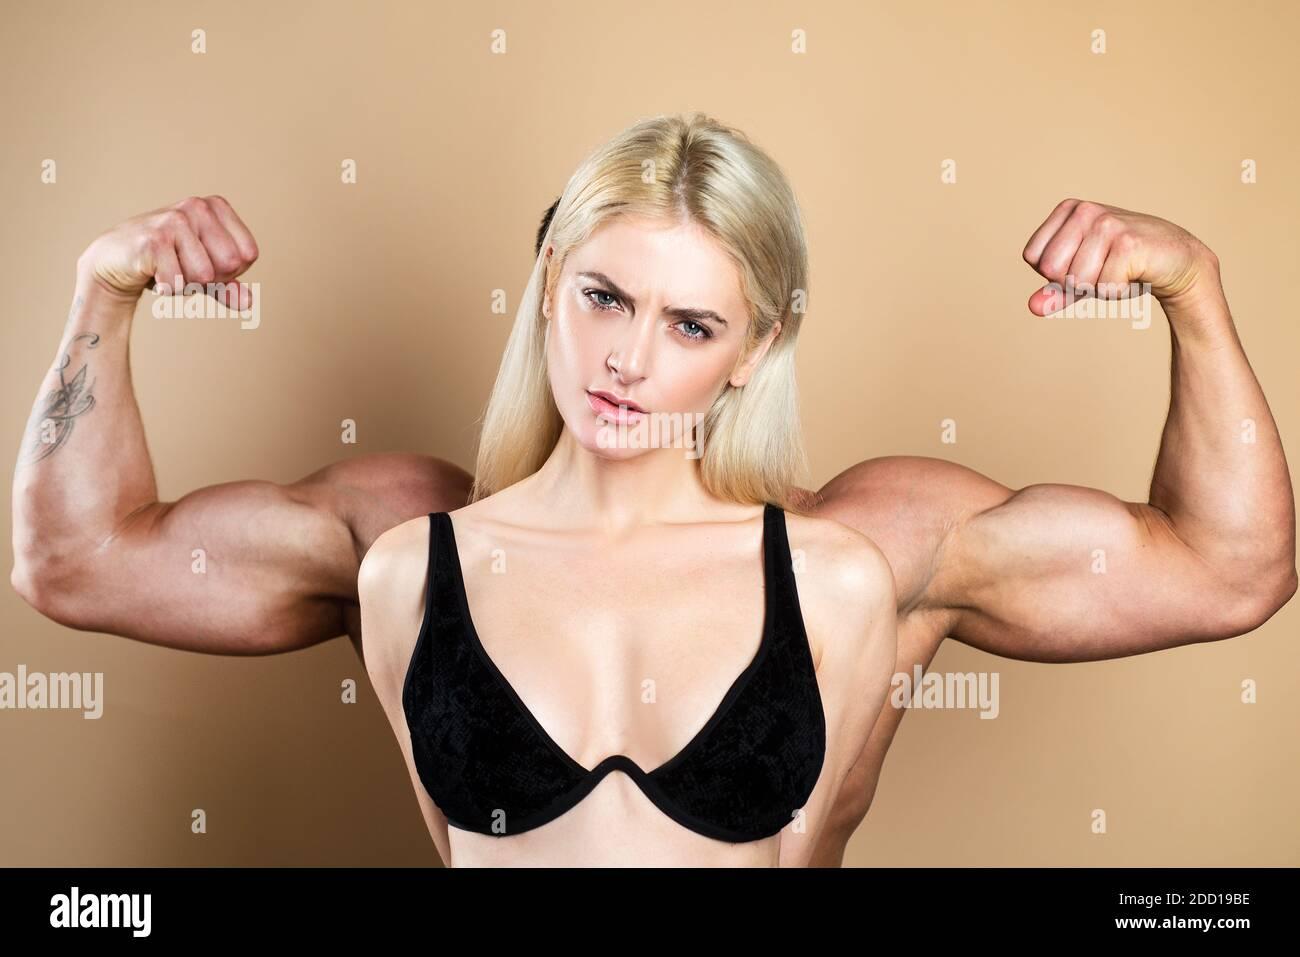 Mädchen muskel Muskel Mädchen